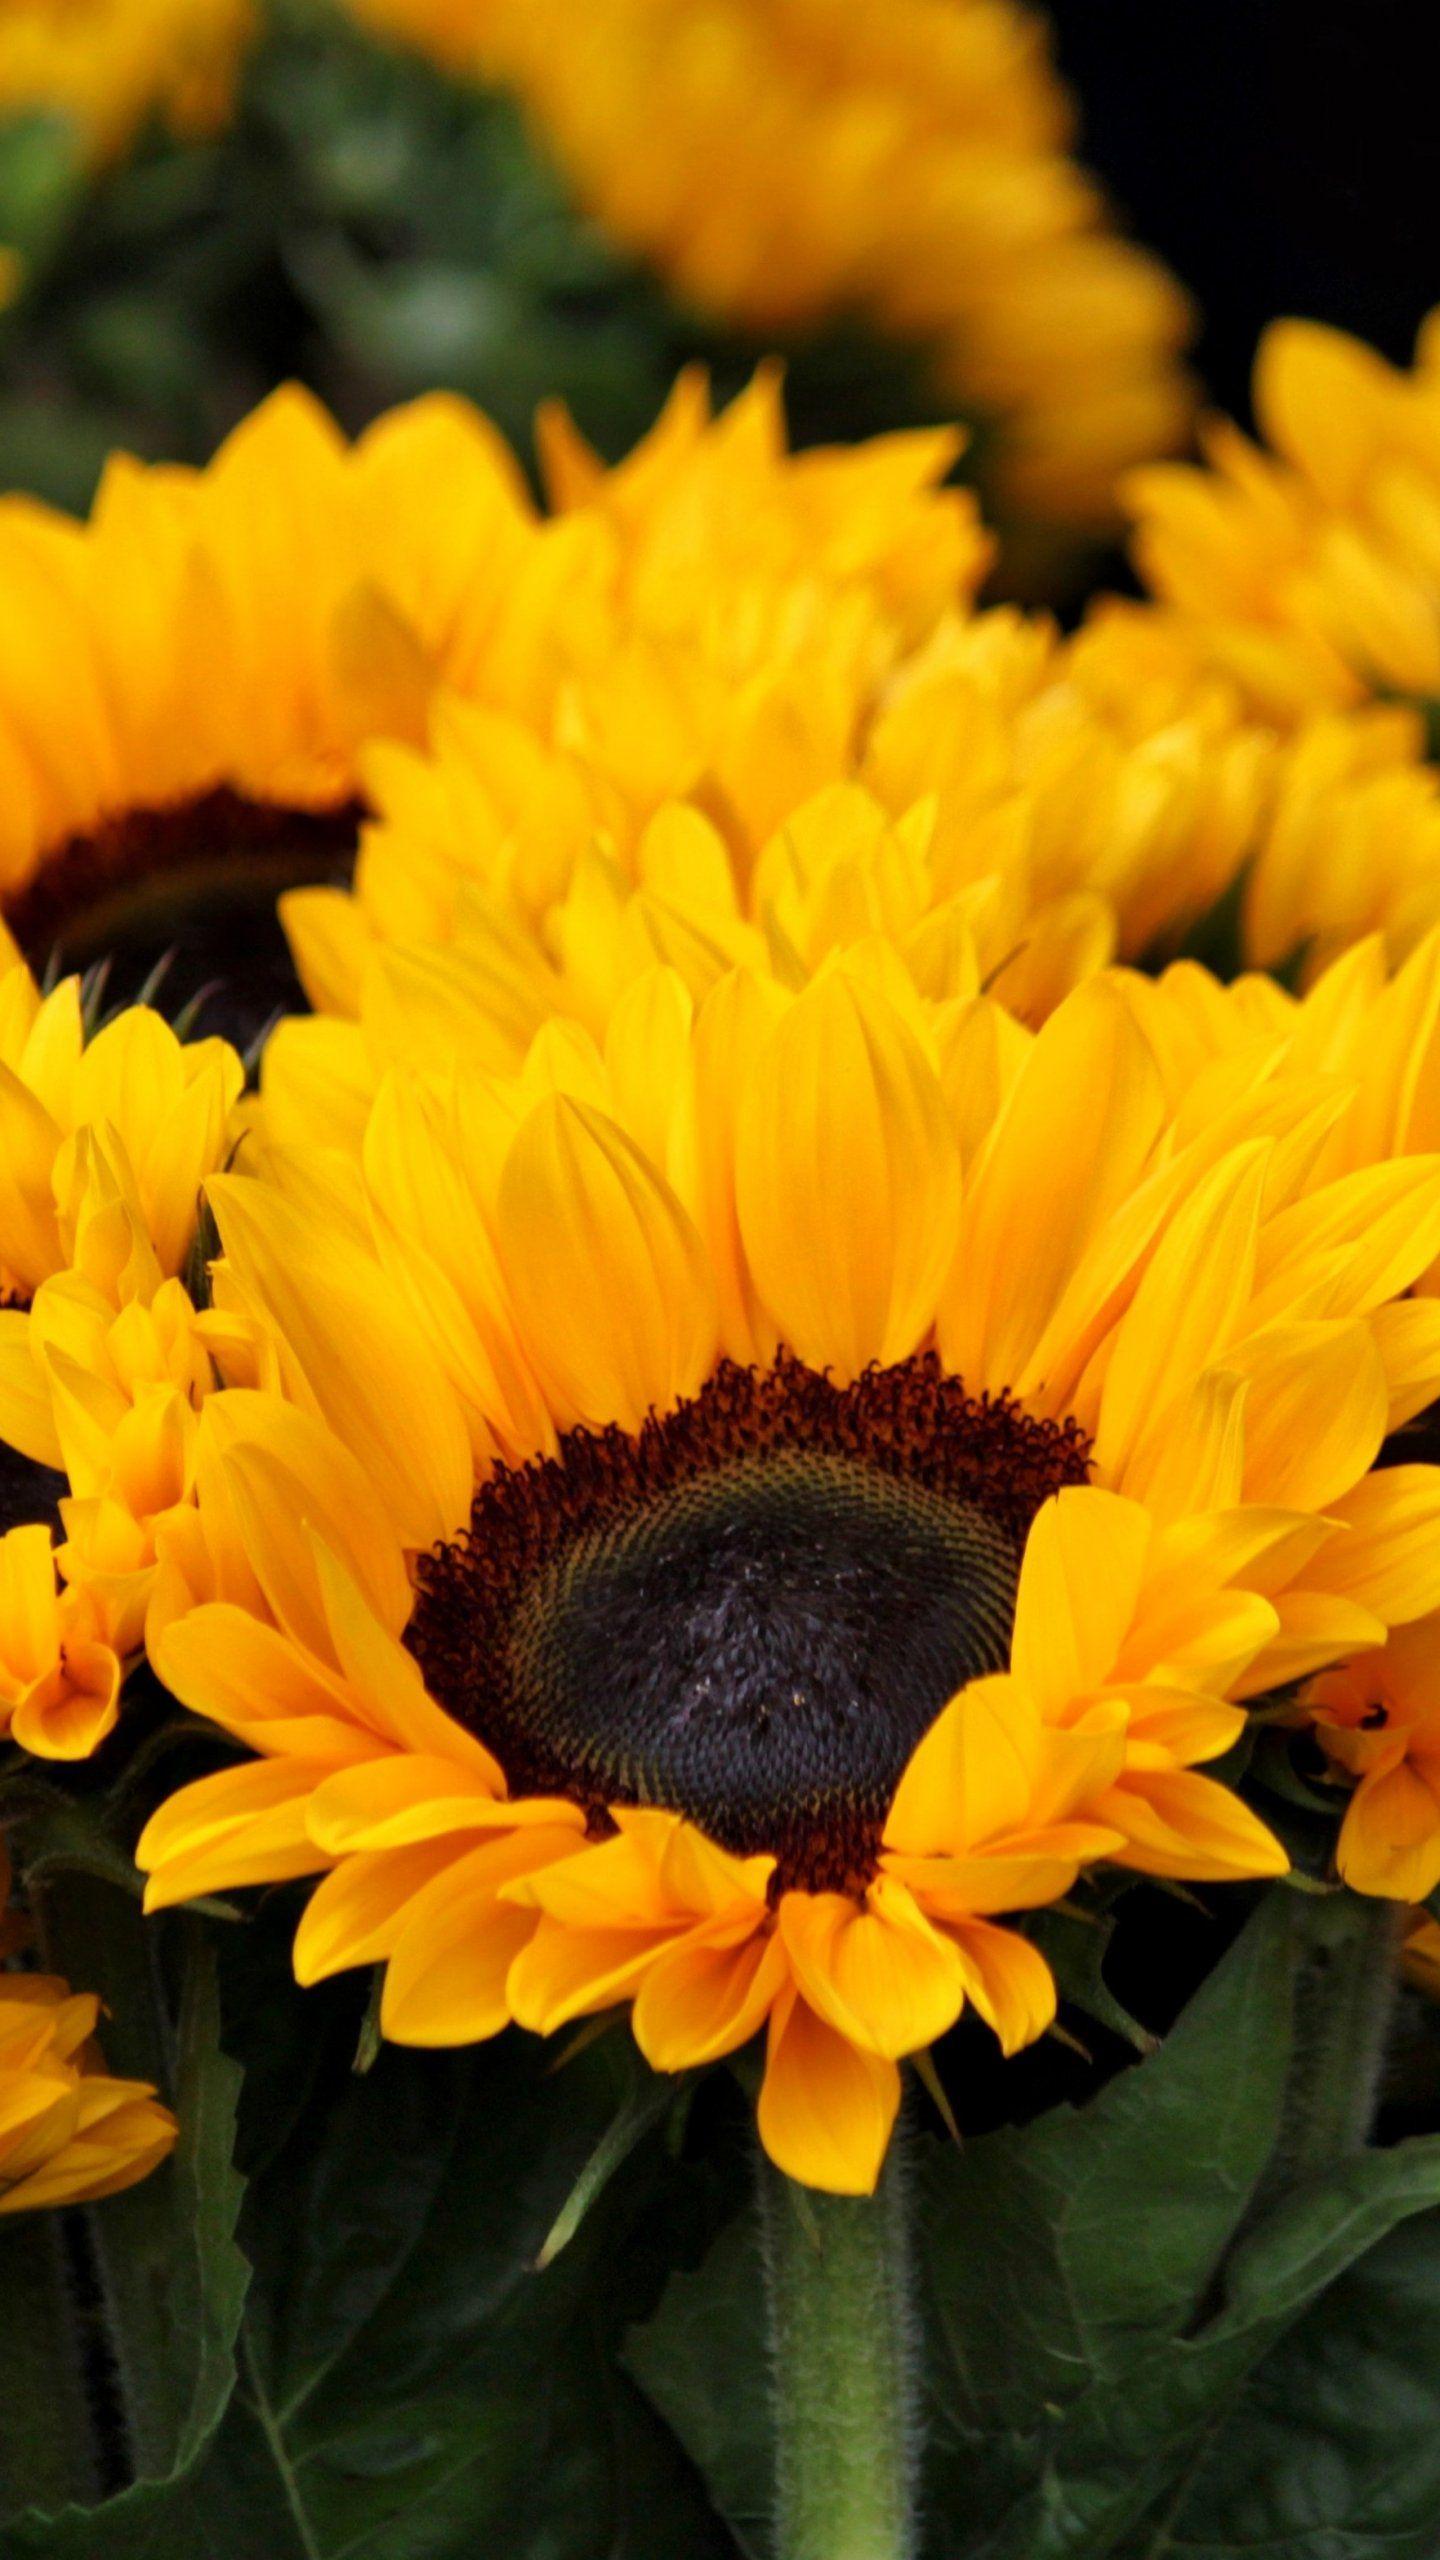 Sunflower Wallpaper Desktop : sunflower, wallpaper, desktop, Sunflowers, Wallpaper, IPhone,, Android, Desktop, Backgrounds, Sunflower, Wallpaper,, Flower,, Pictures